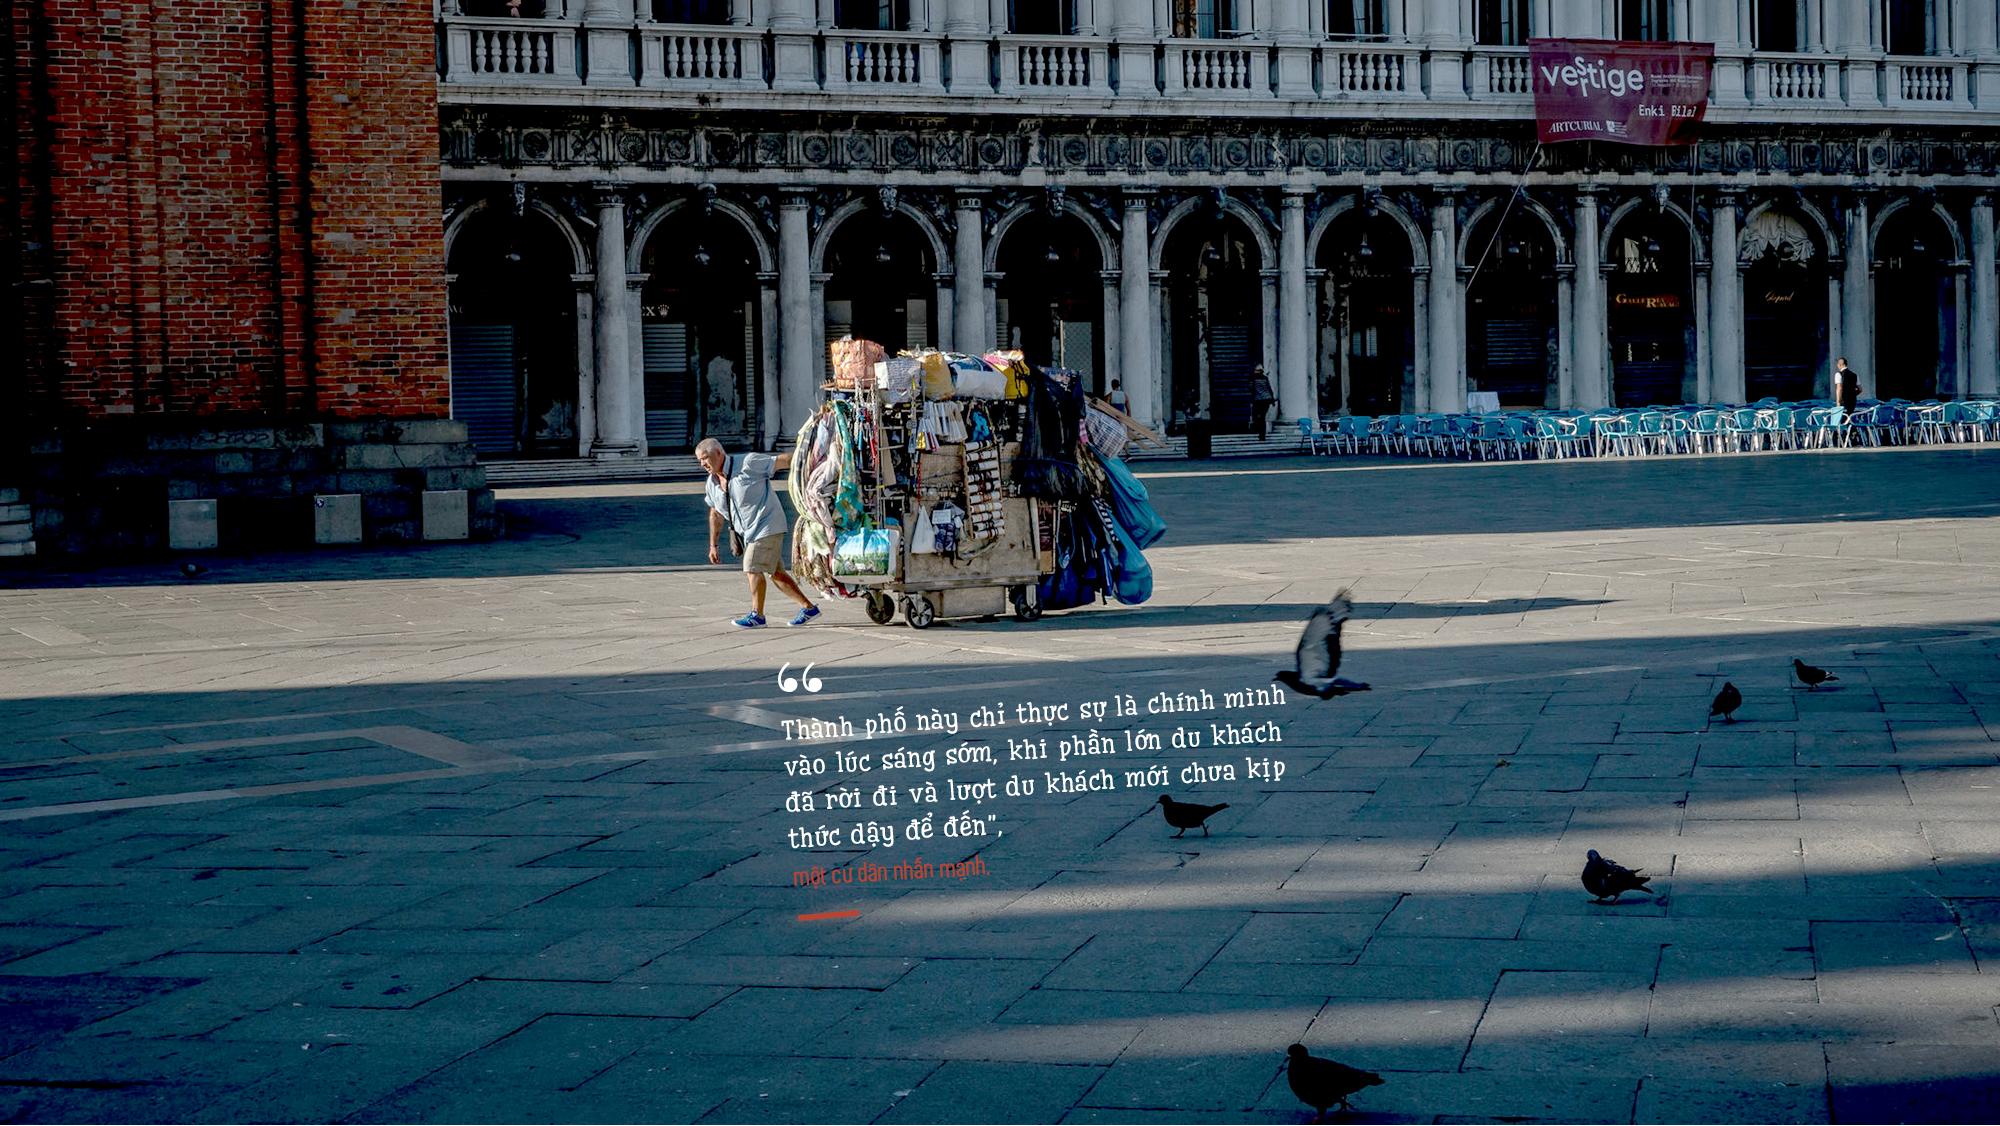 Venice: Thành phố tình yêu bị bức tử bởi… tình yêu - Ảnh 9.